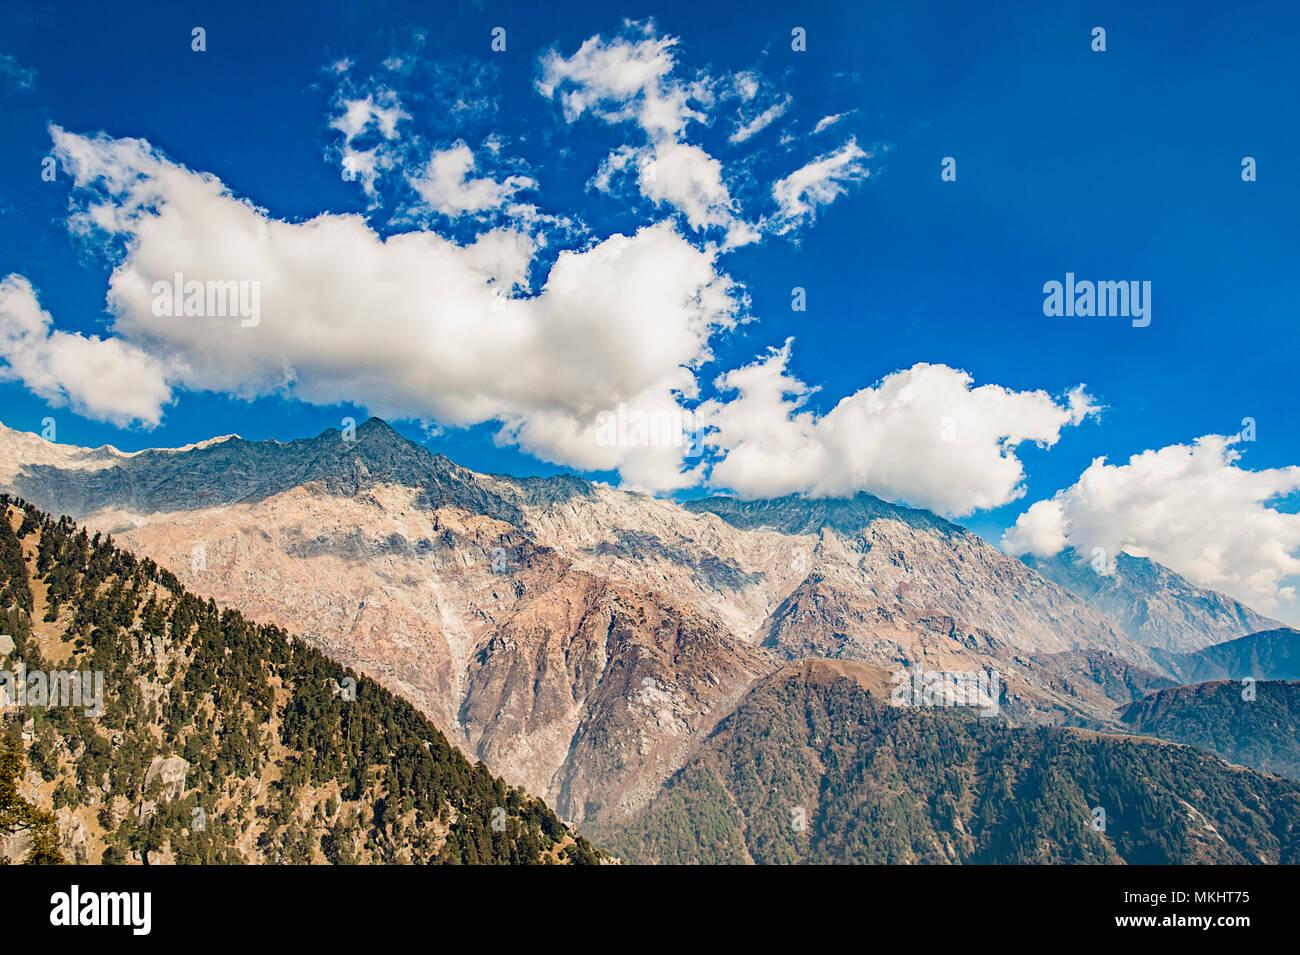 Una hermosa vista de la cordillera Dhauladhar durante un día soleado y algunas nubes. Triund, Himachal Pradesh. La India Foto de stock